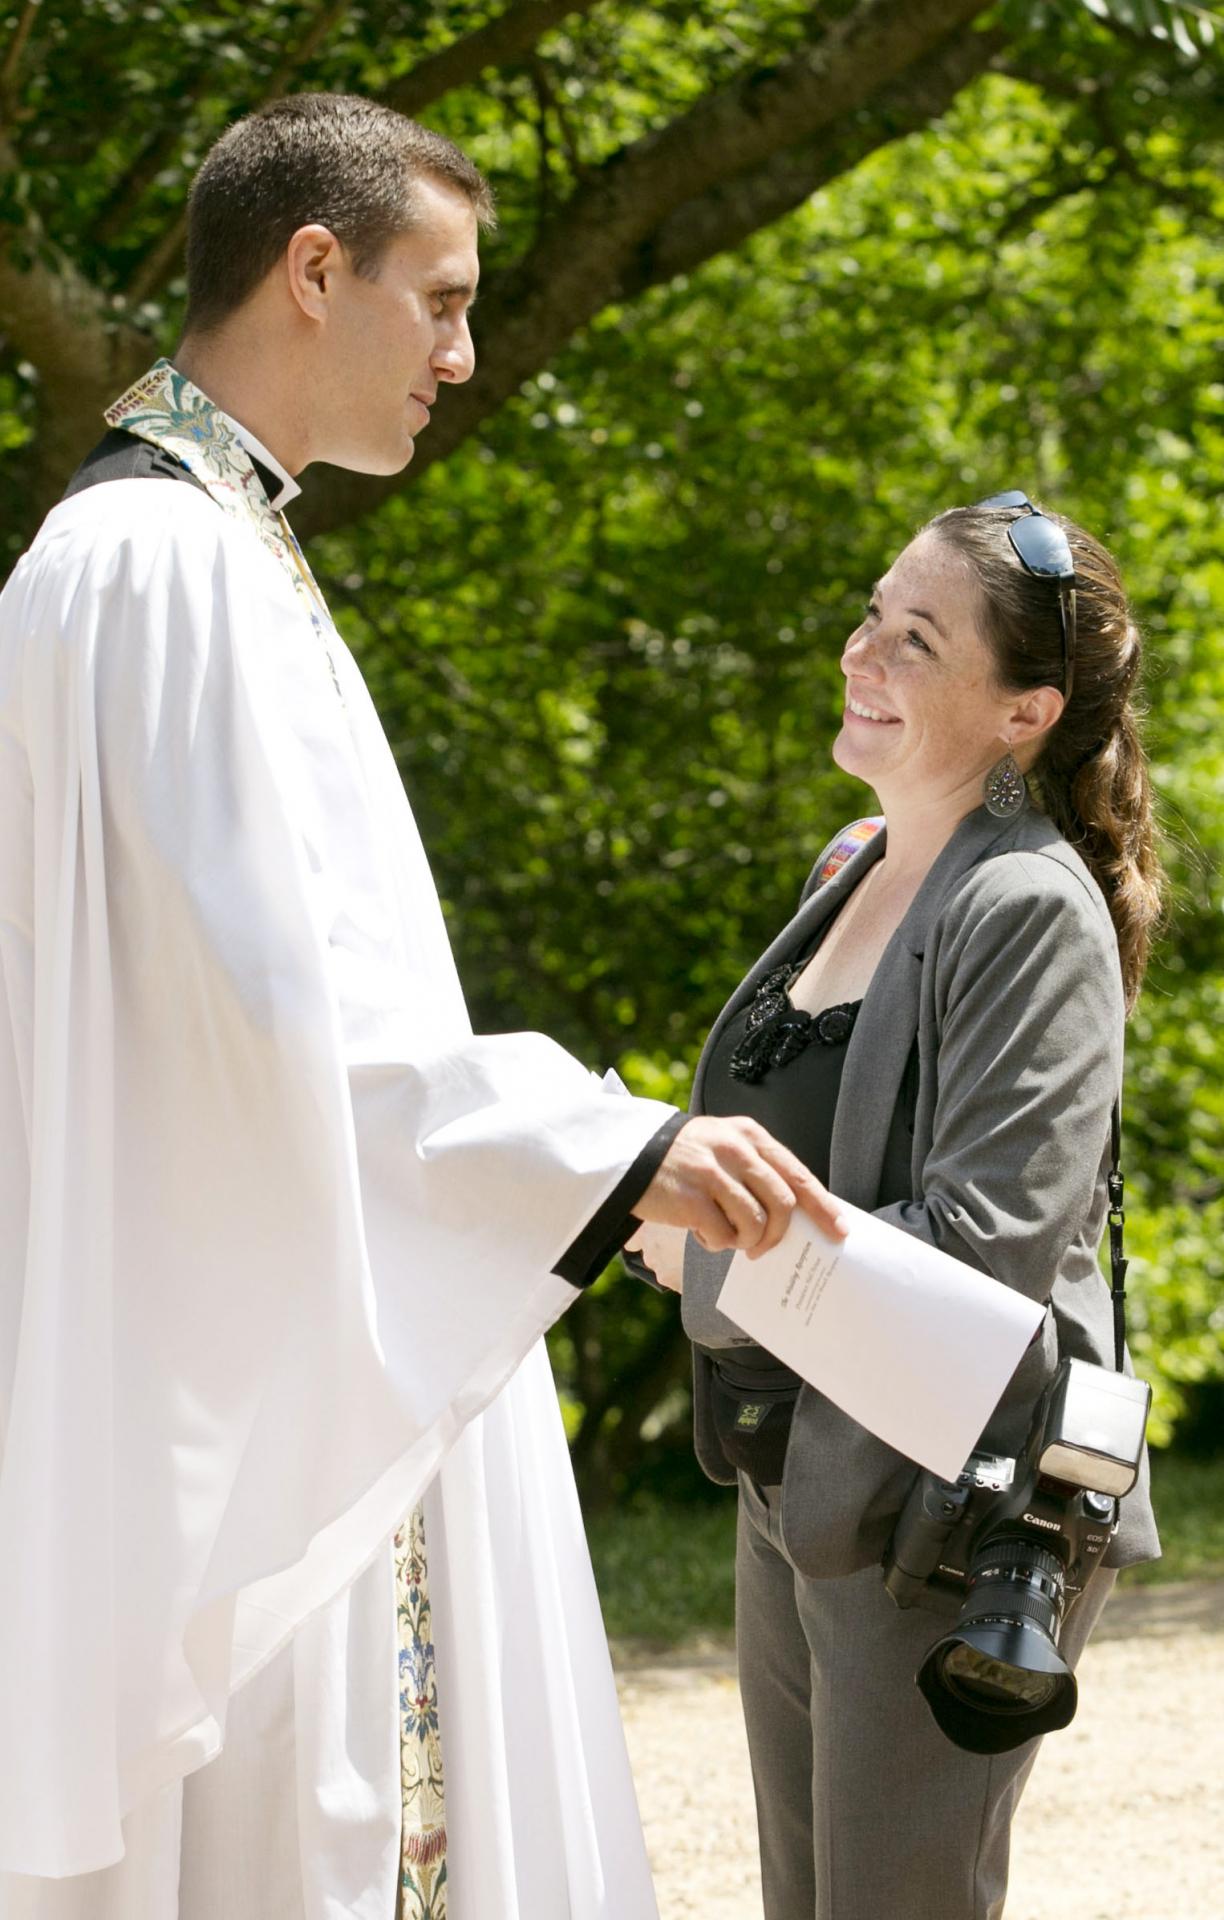 Fotógrafo de Virginia trabajando en un evento de boda en Newport News